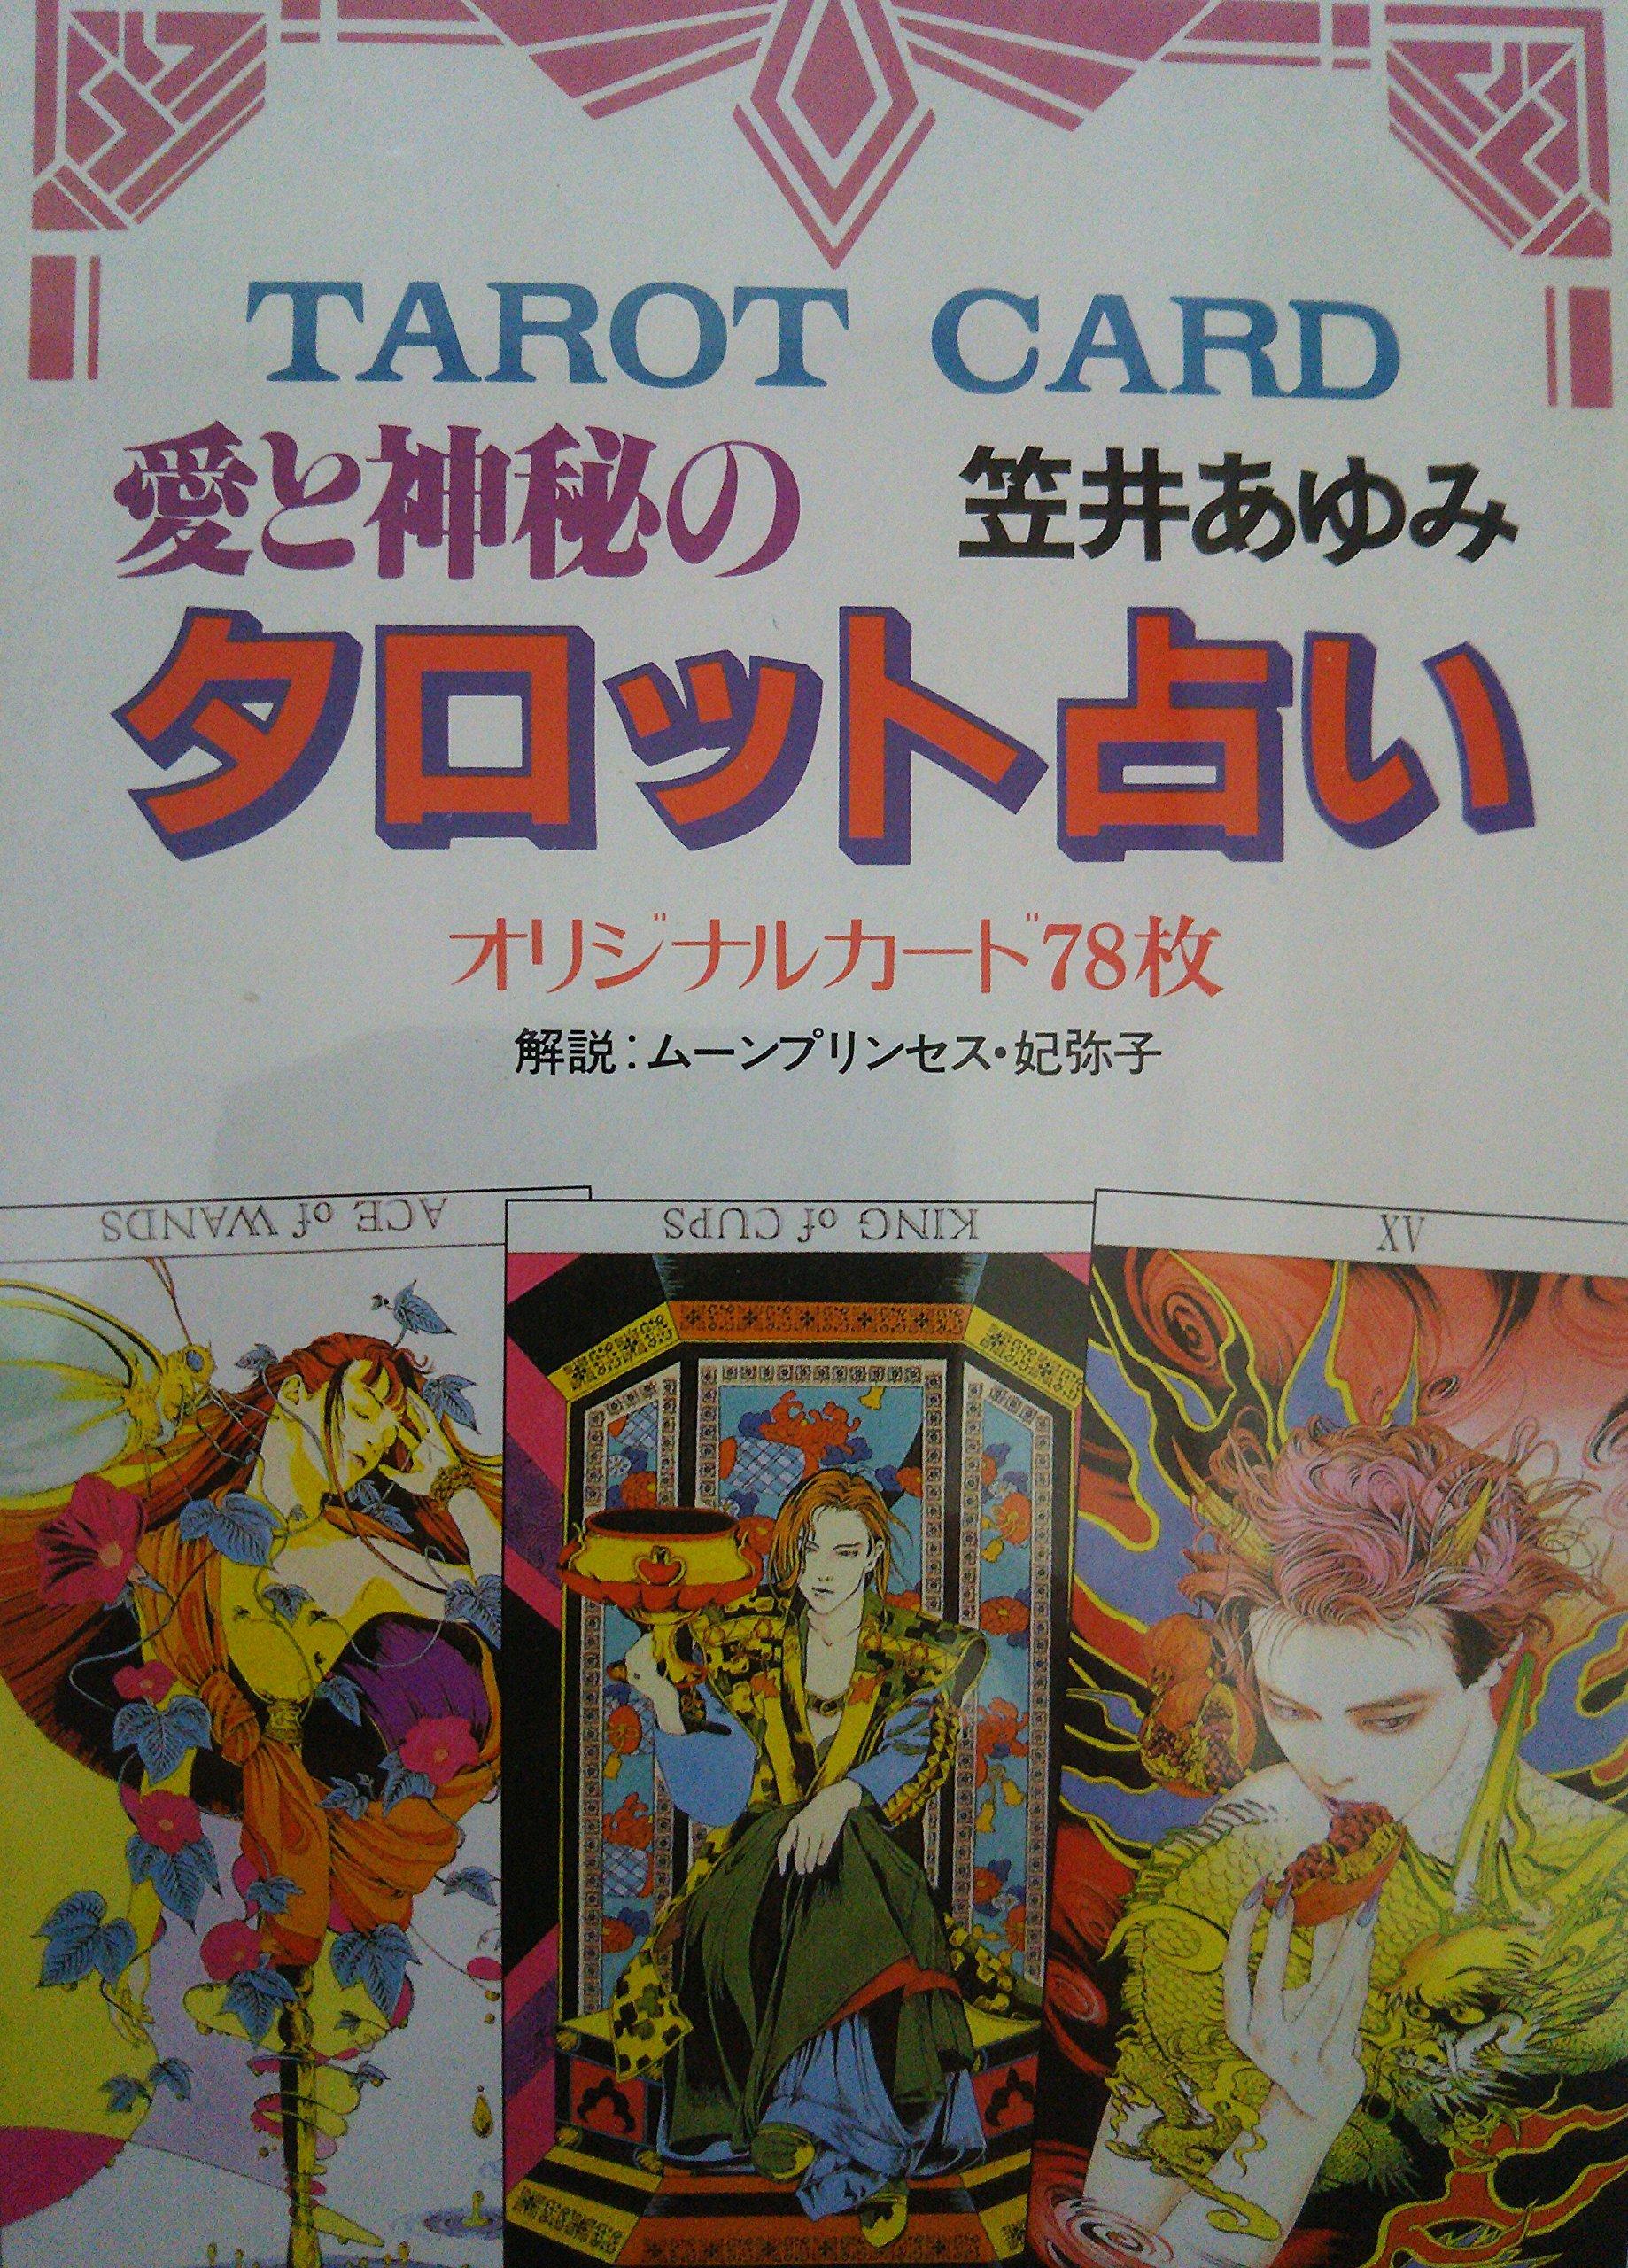 The Moon Princess Himoko Tarot Review